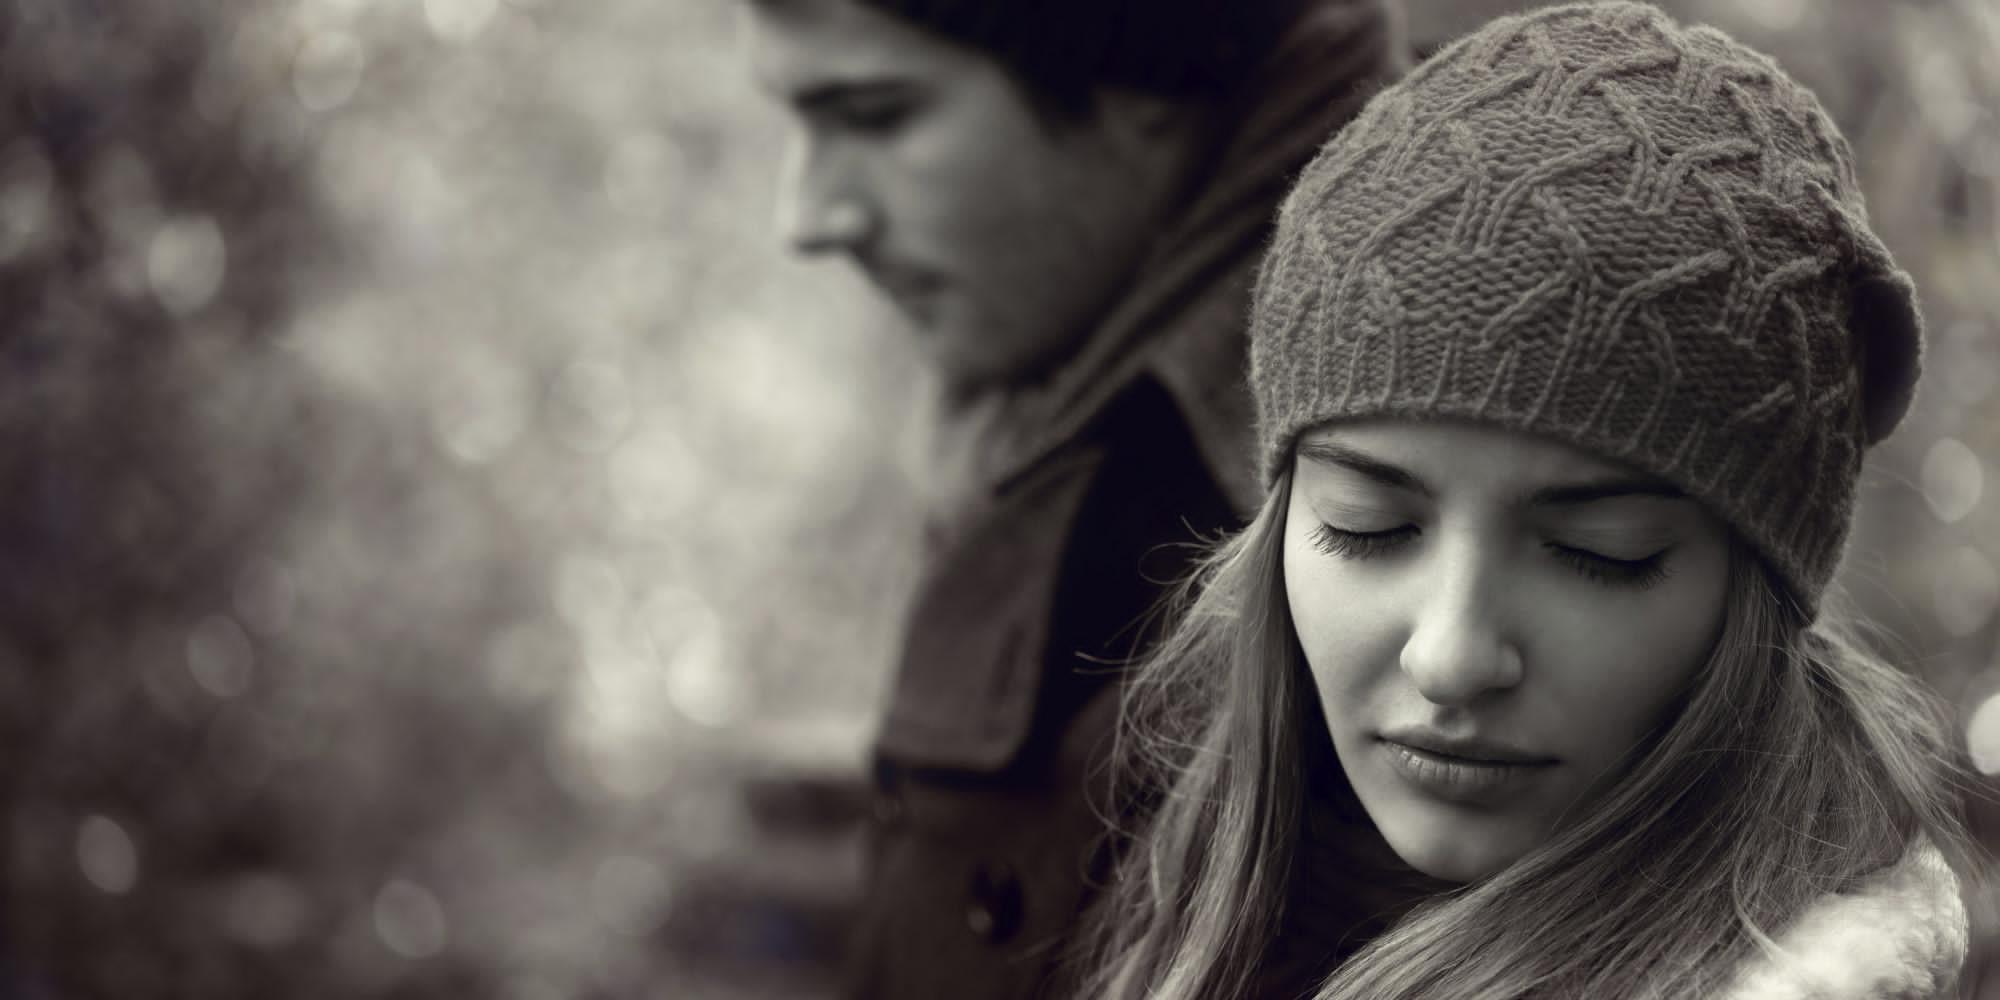 Πόσο συχνά πρέπει να βλέπεις ένα κορίτσι να βγαίνει μαζί σου